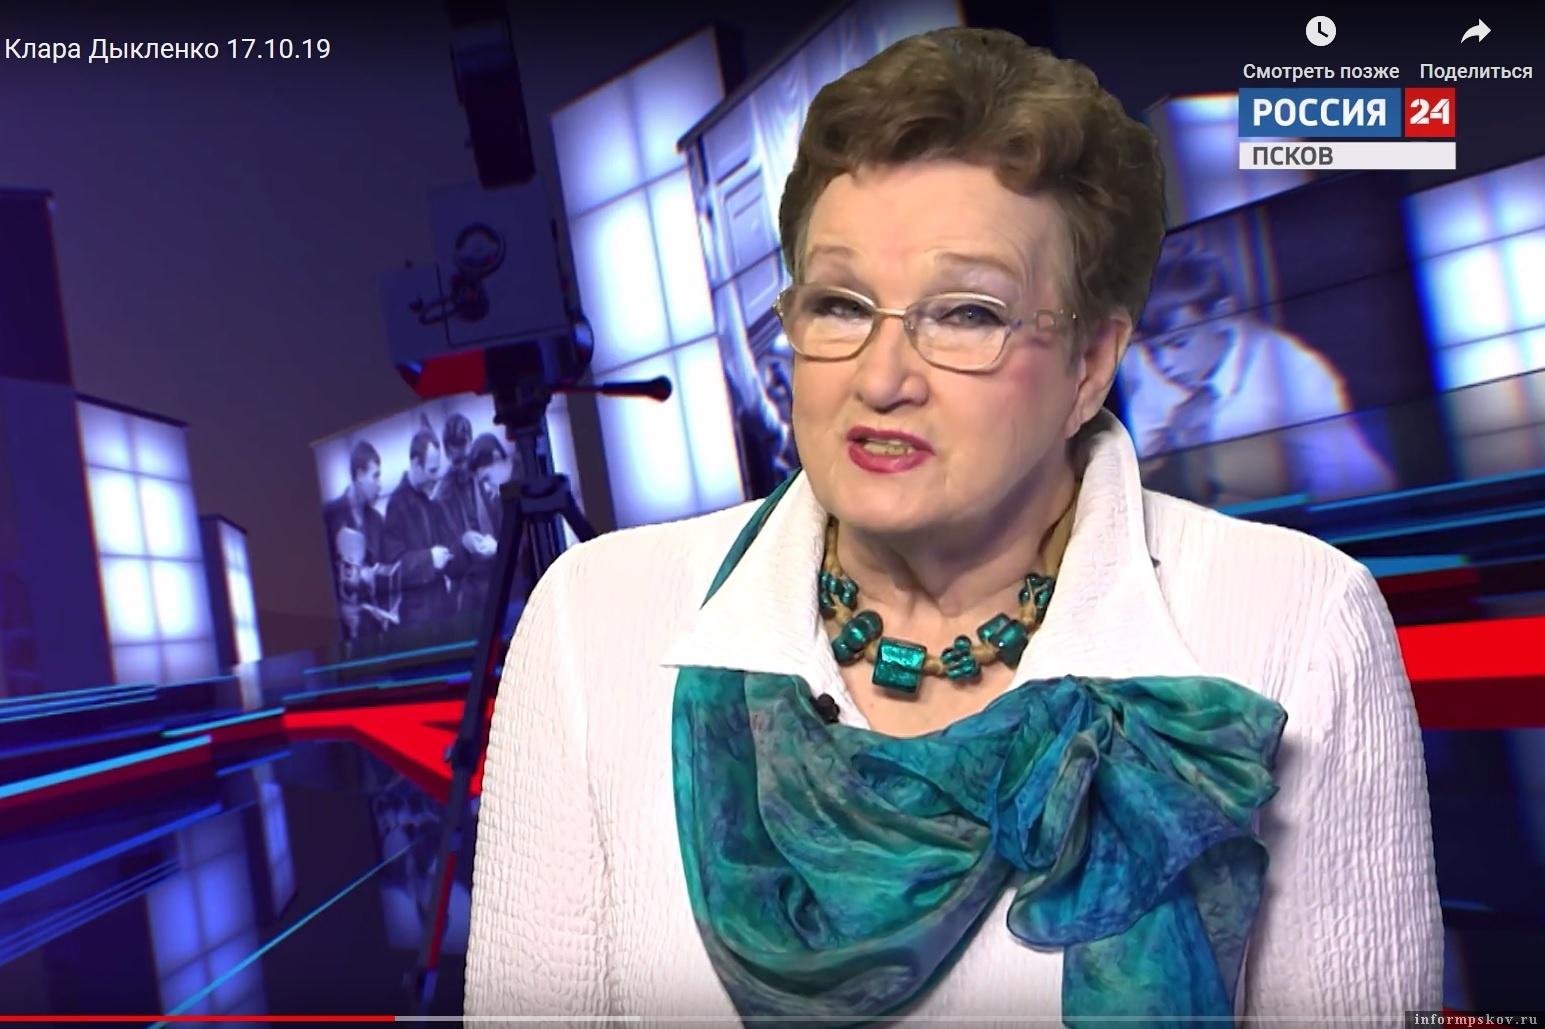 """Клара Дыкленко номинирована на соискание премии """"Народное признание""""."""